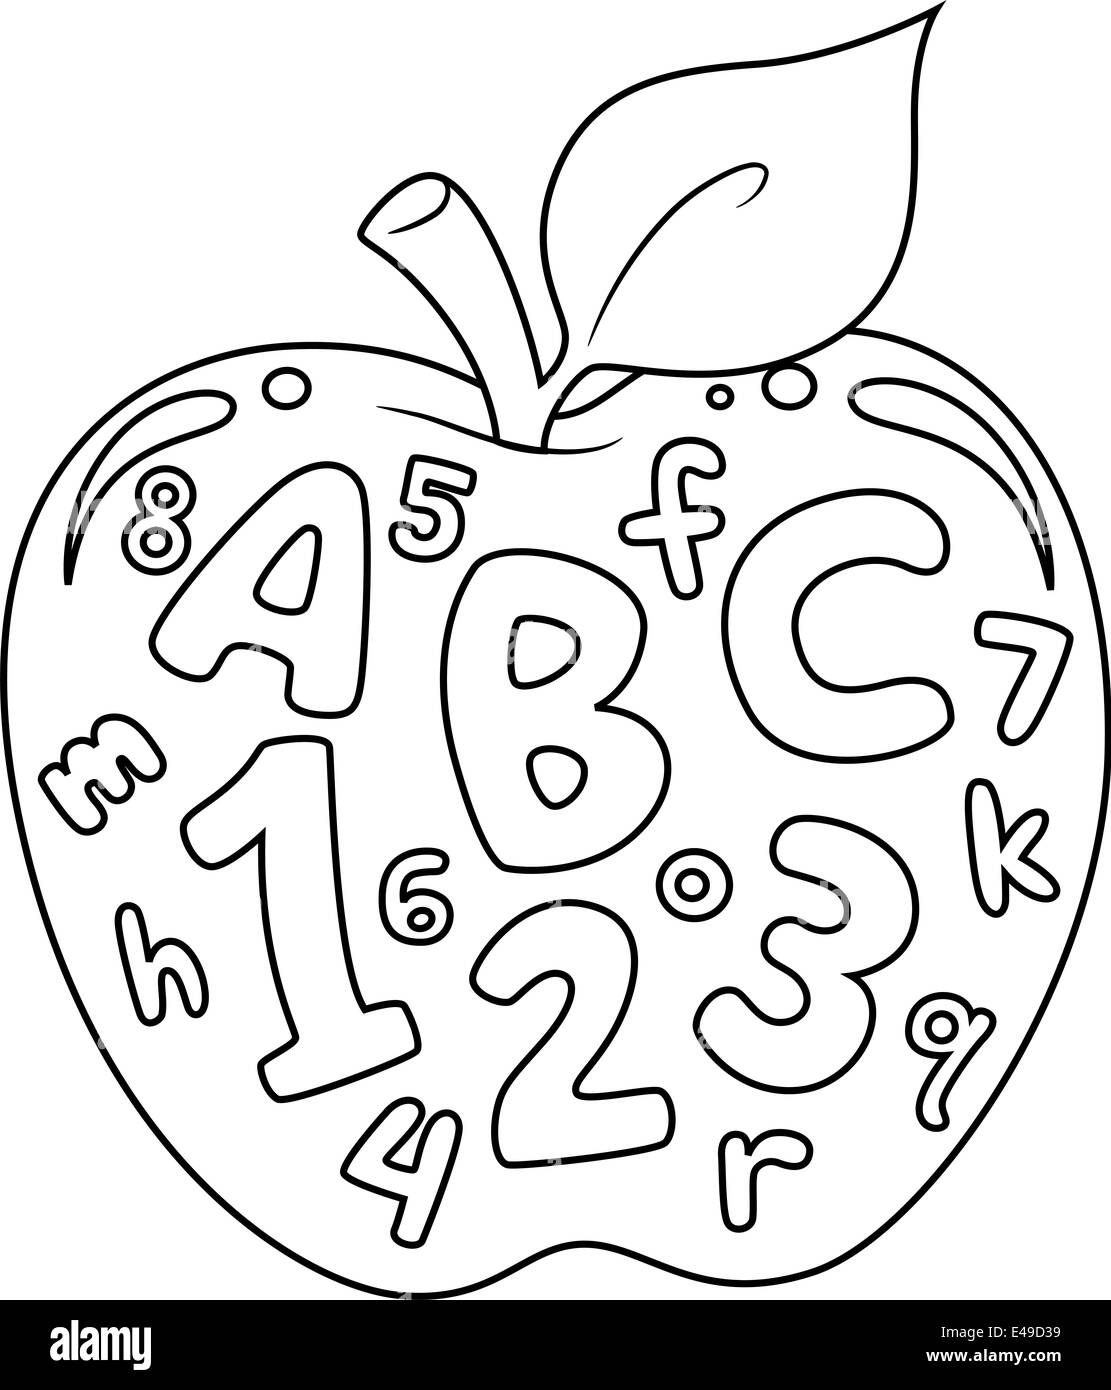 Libro Da Colorare Illustrazione Con Un Apple Con Numeri E Lettere Stampate Su Di Esso Foto Stock Alamy